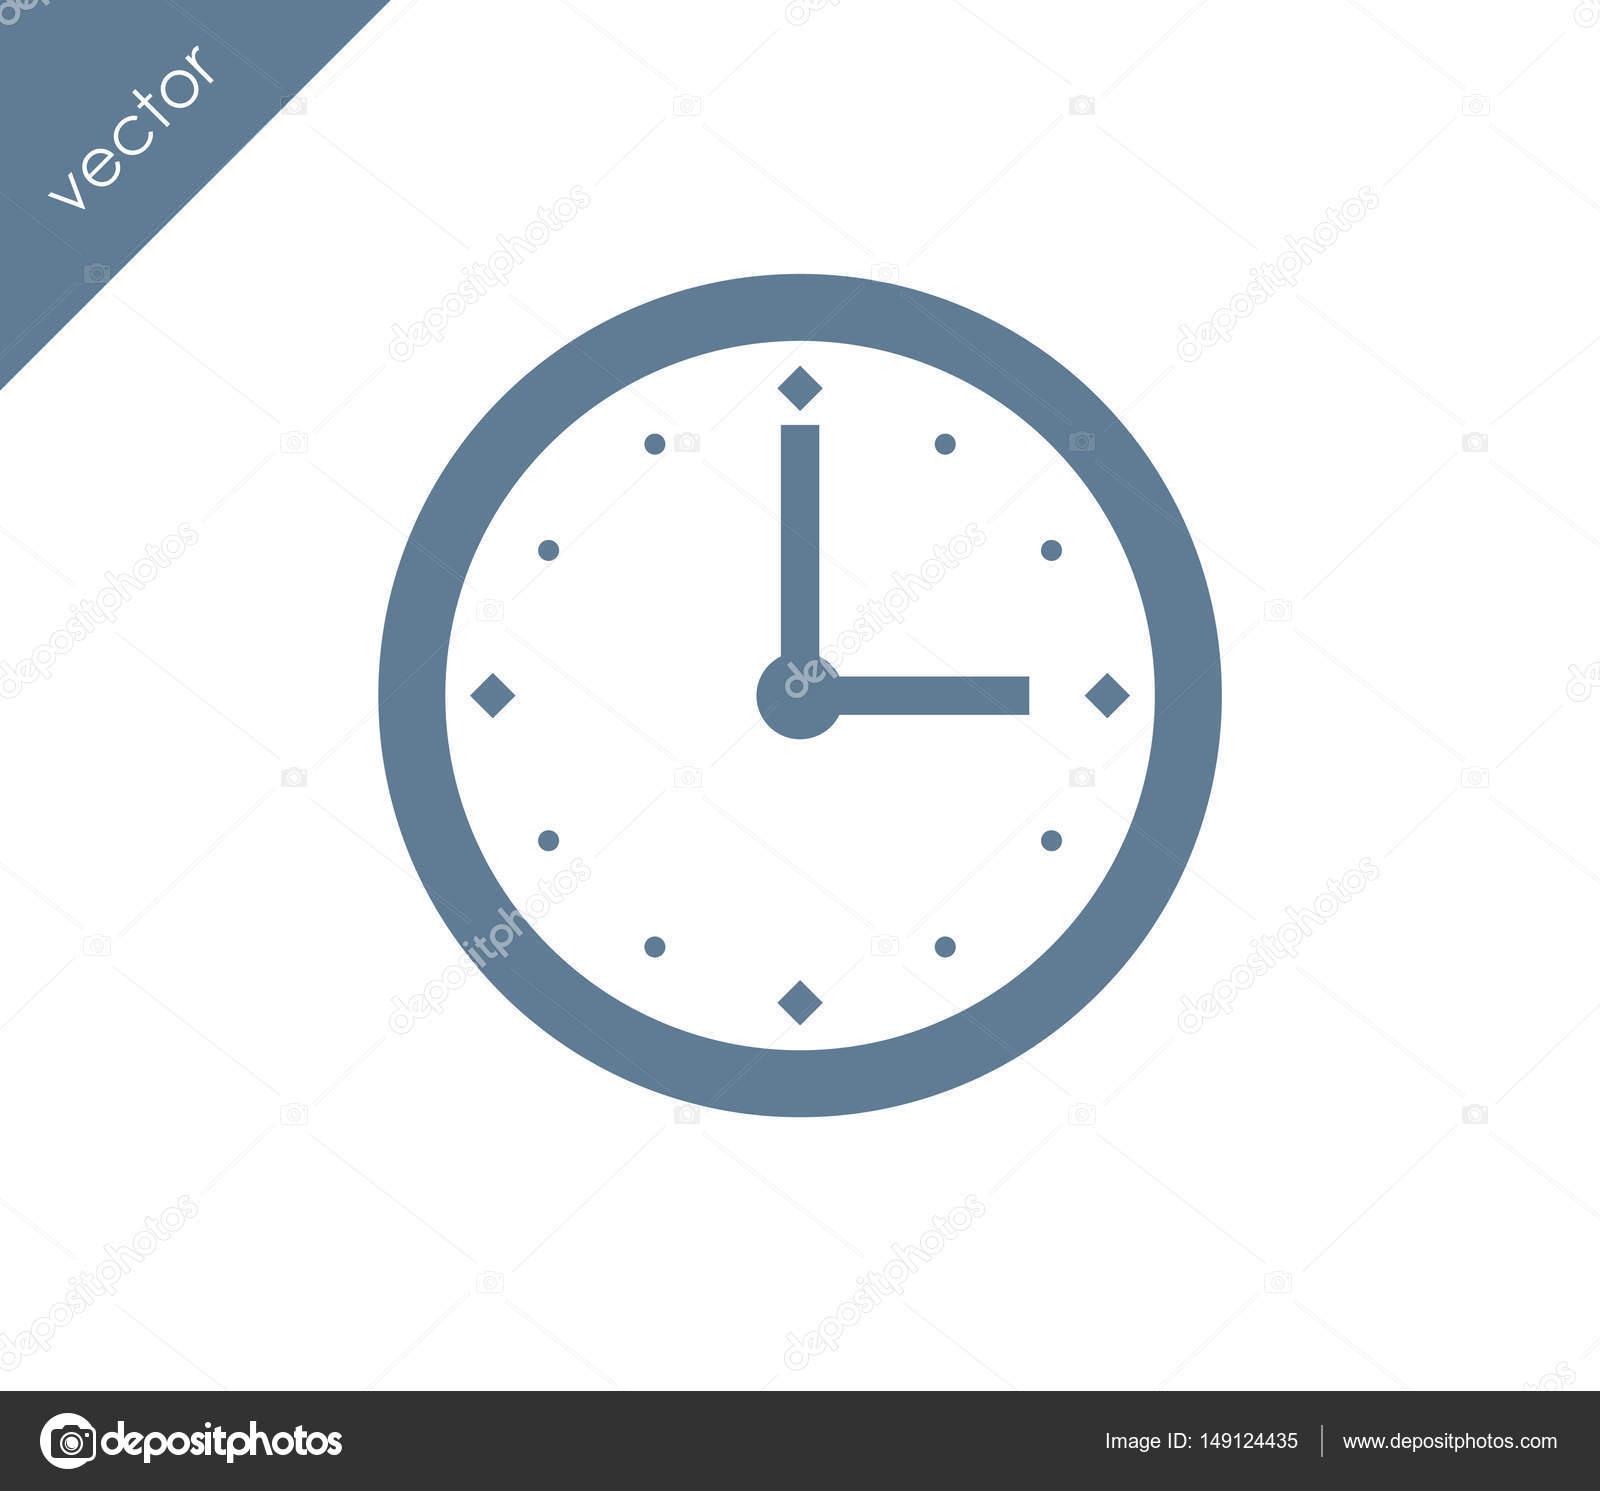 Tiempo Iconos De Reloj FacebookIcono Del Para UzMSLqpGV